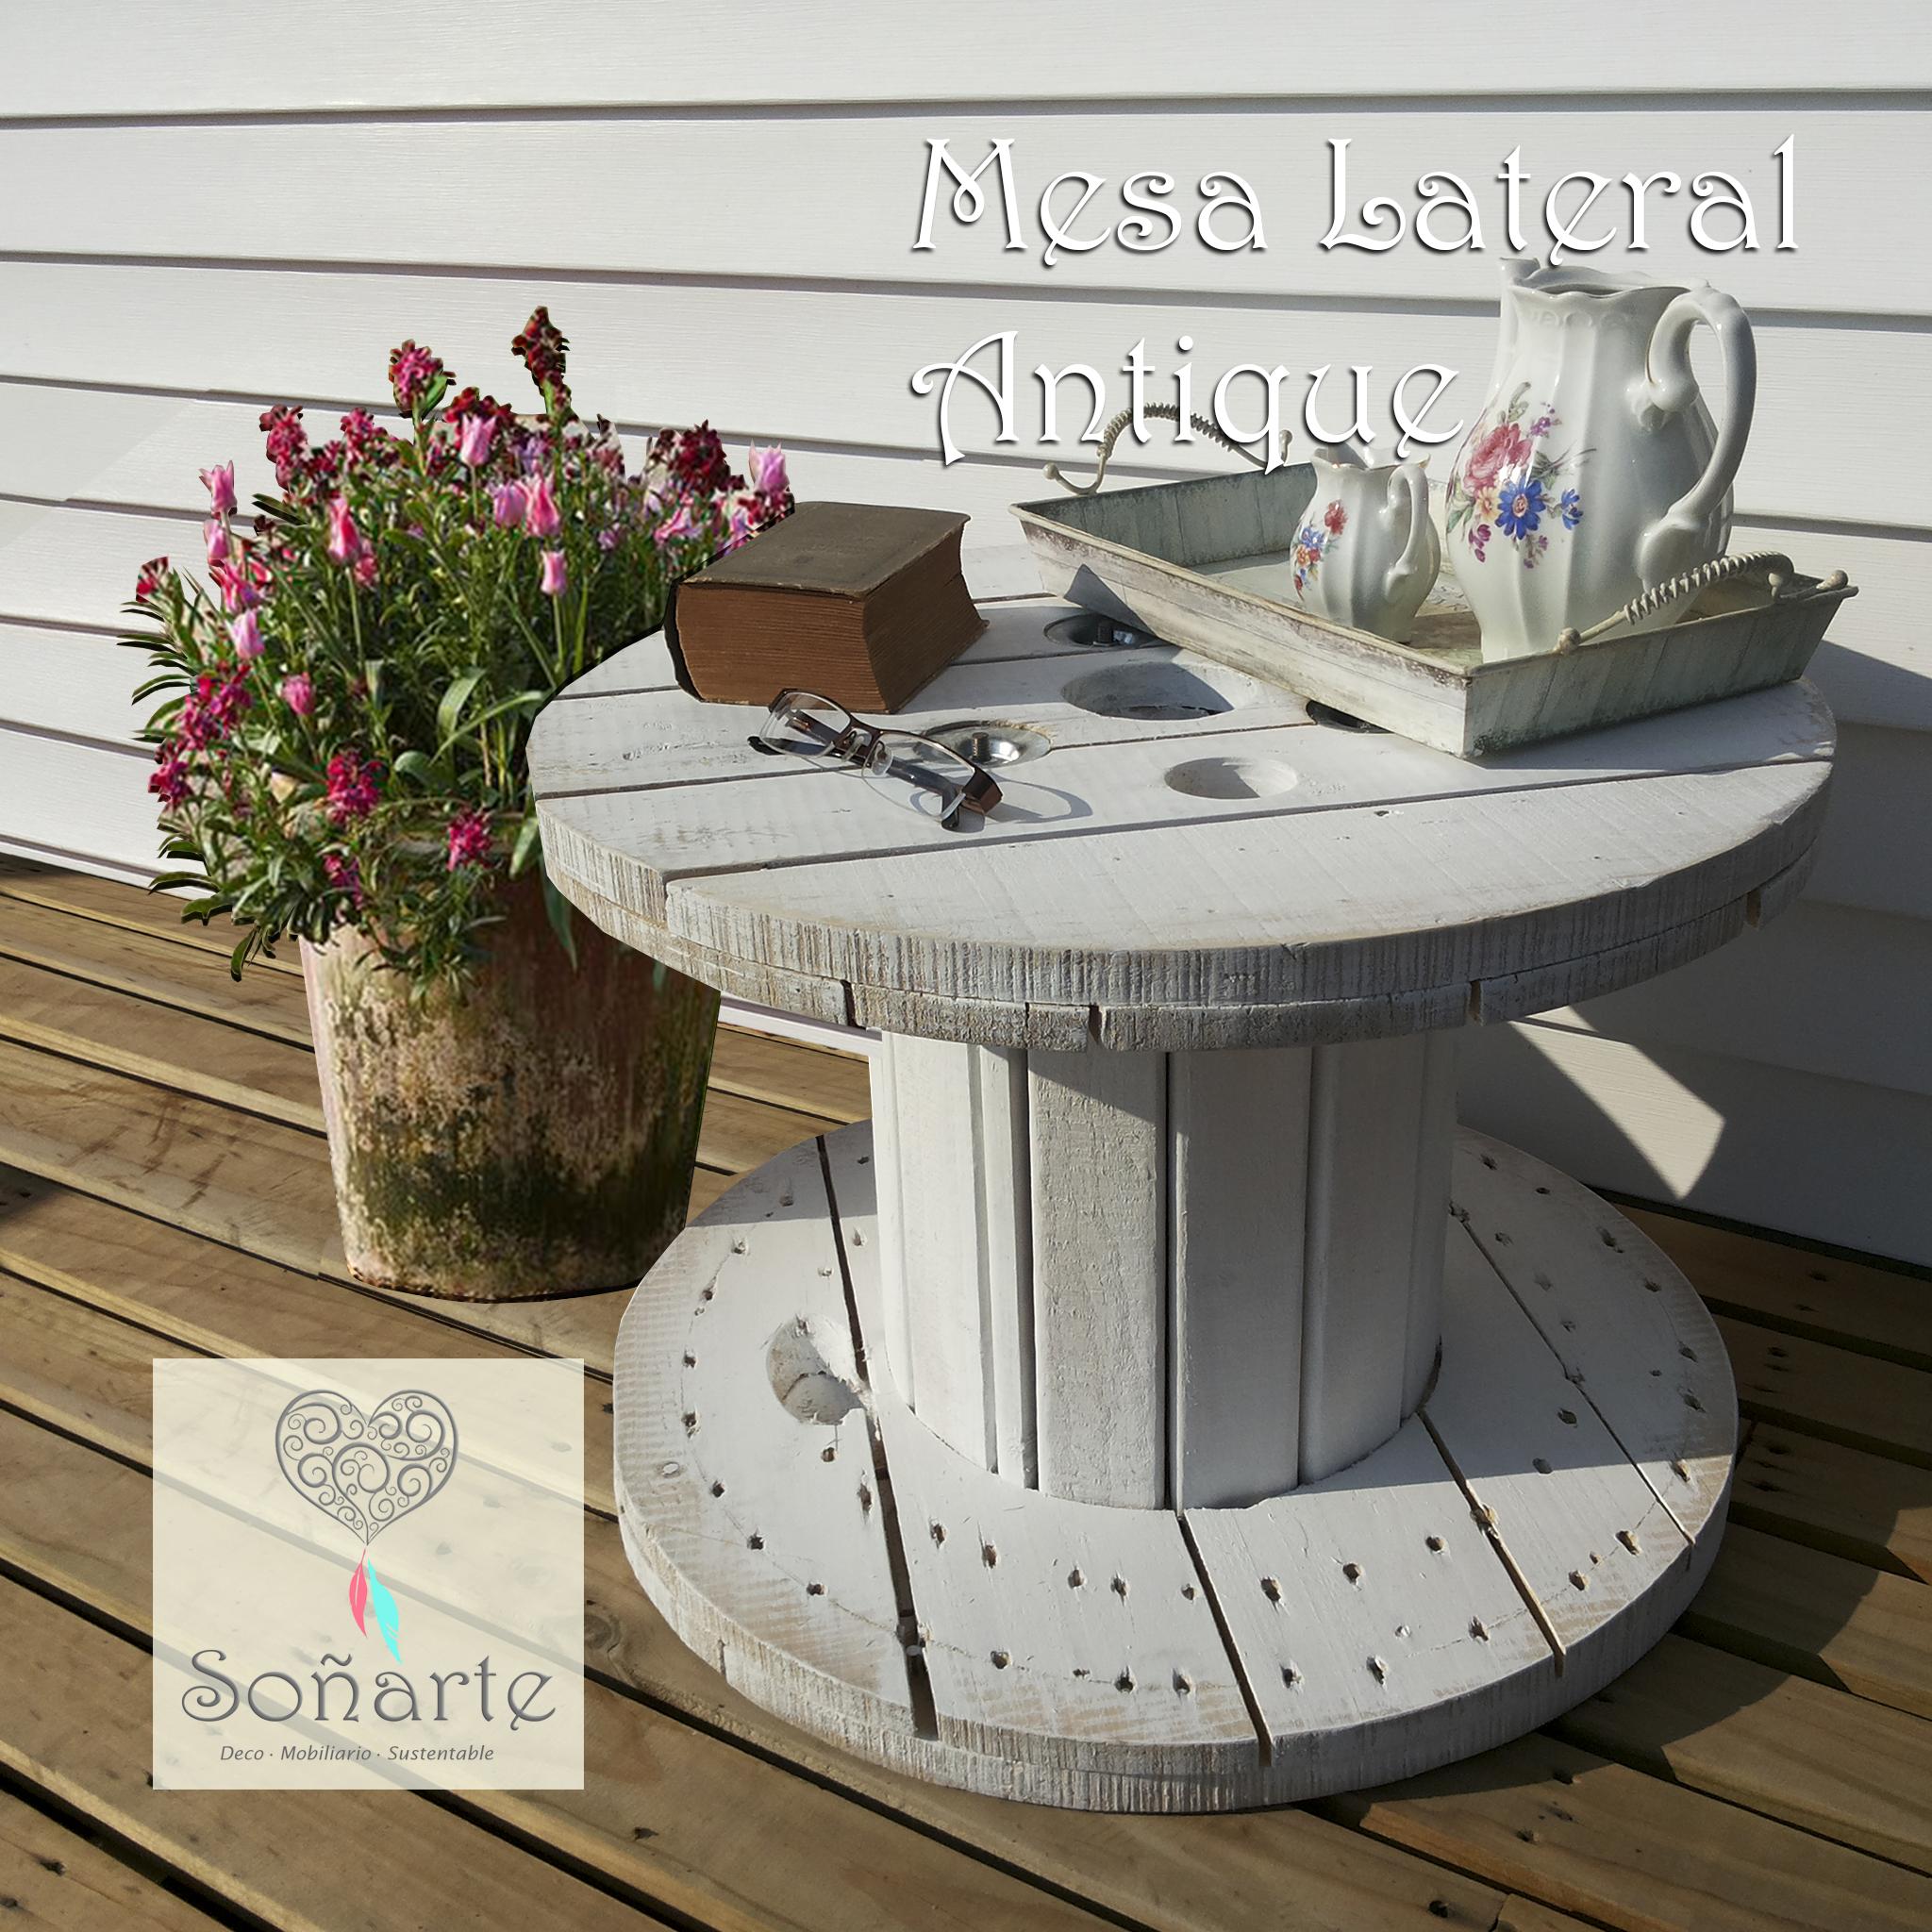 mesa lateral antique de carrete de madera restaurad pintada color blanco con efecto desgastado estilo shabby chic hecho a mano hecho en chile